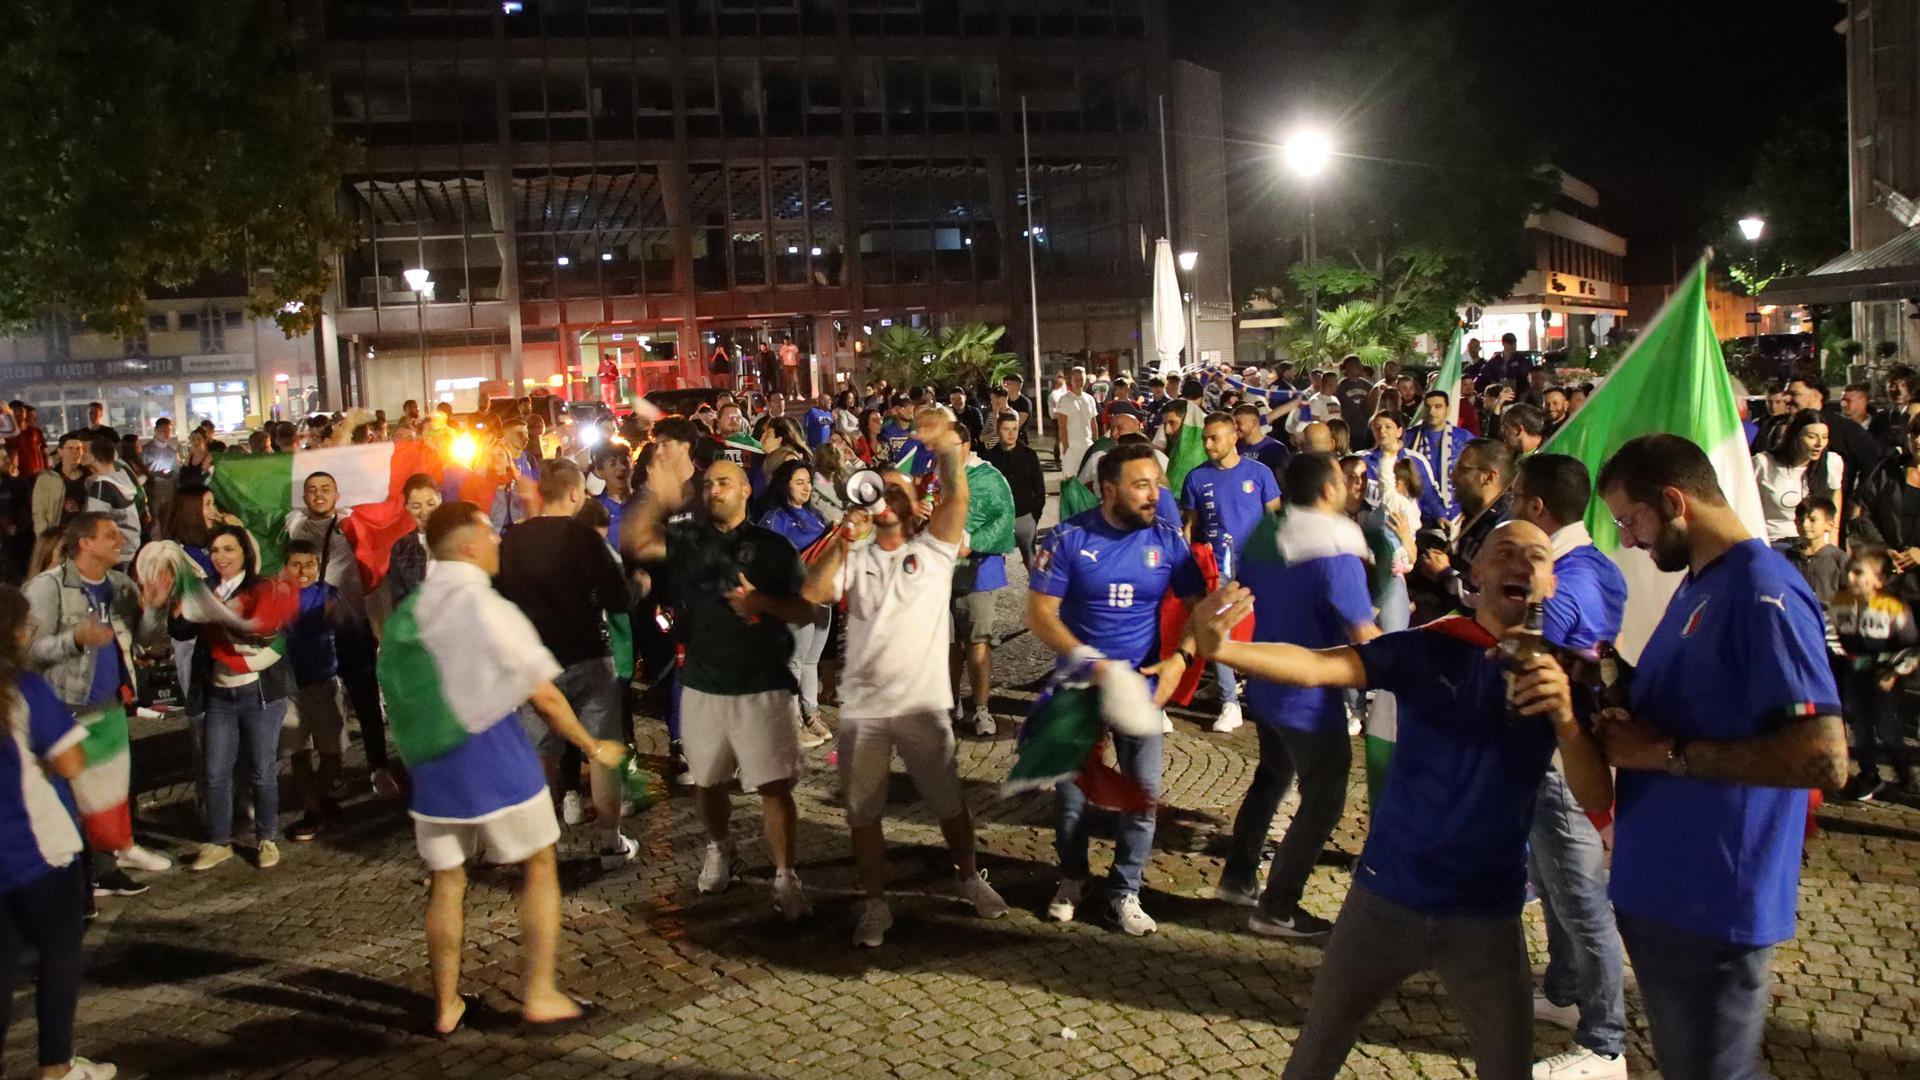 Etwa 300 Italiener feierten auf dem Rathausplatz in Achern bis tief in die Nacht.